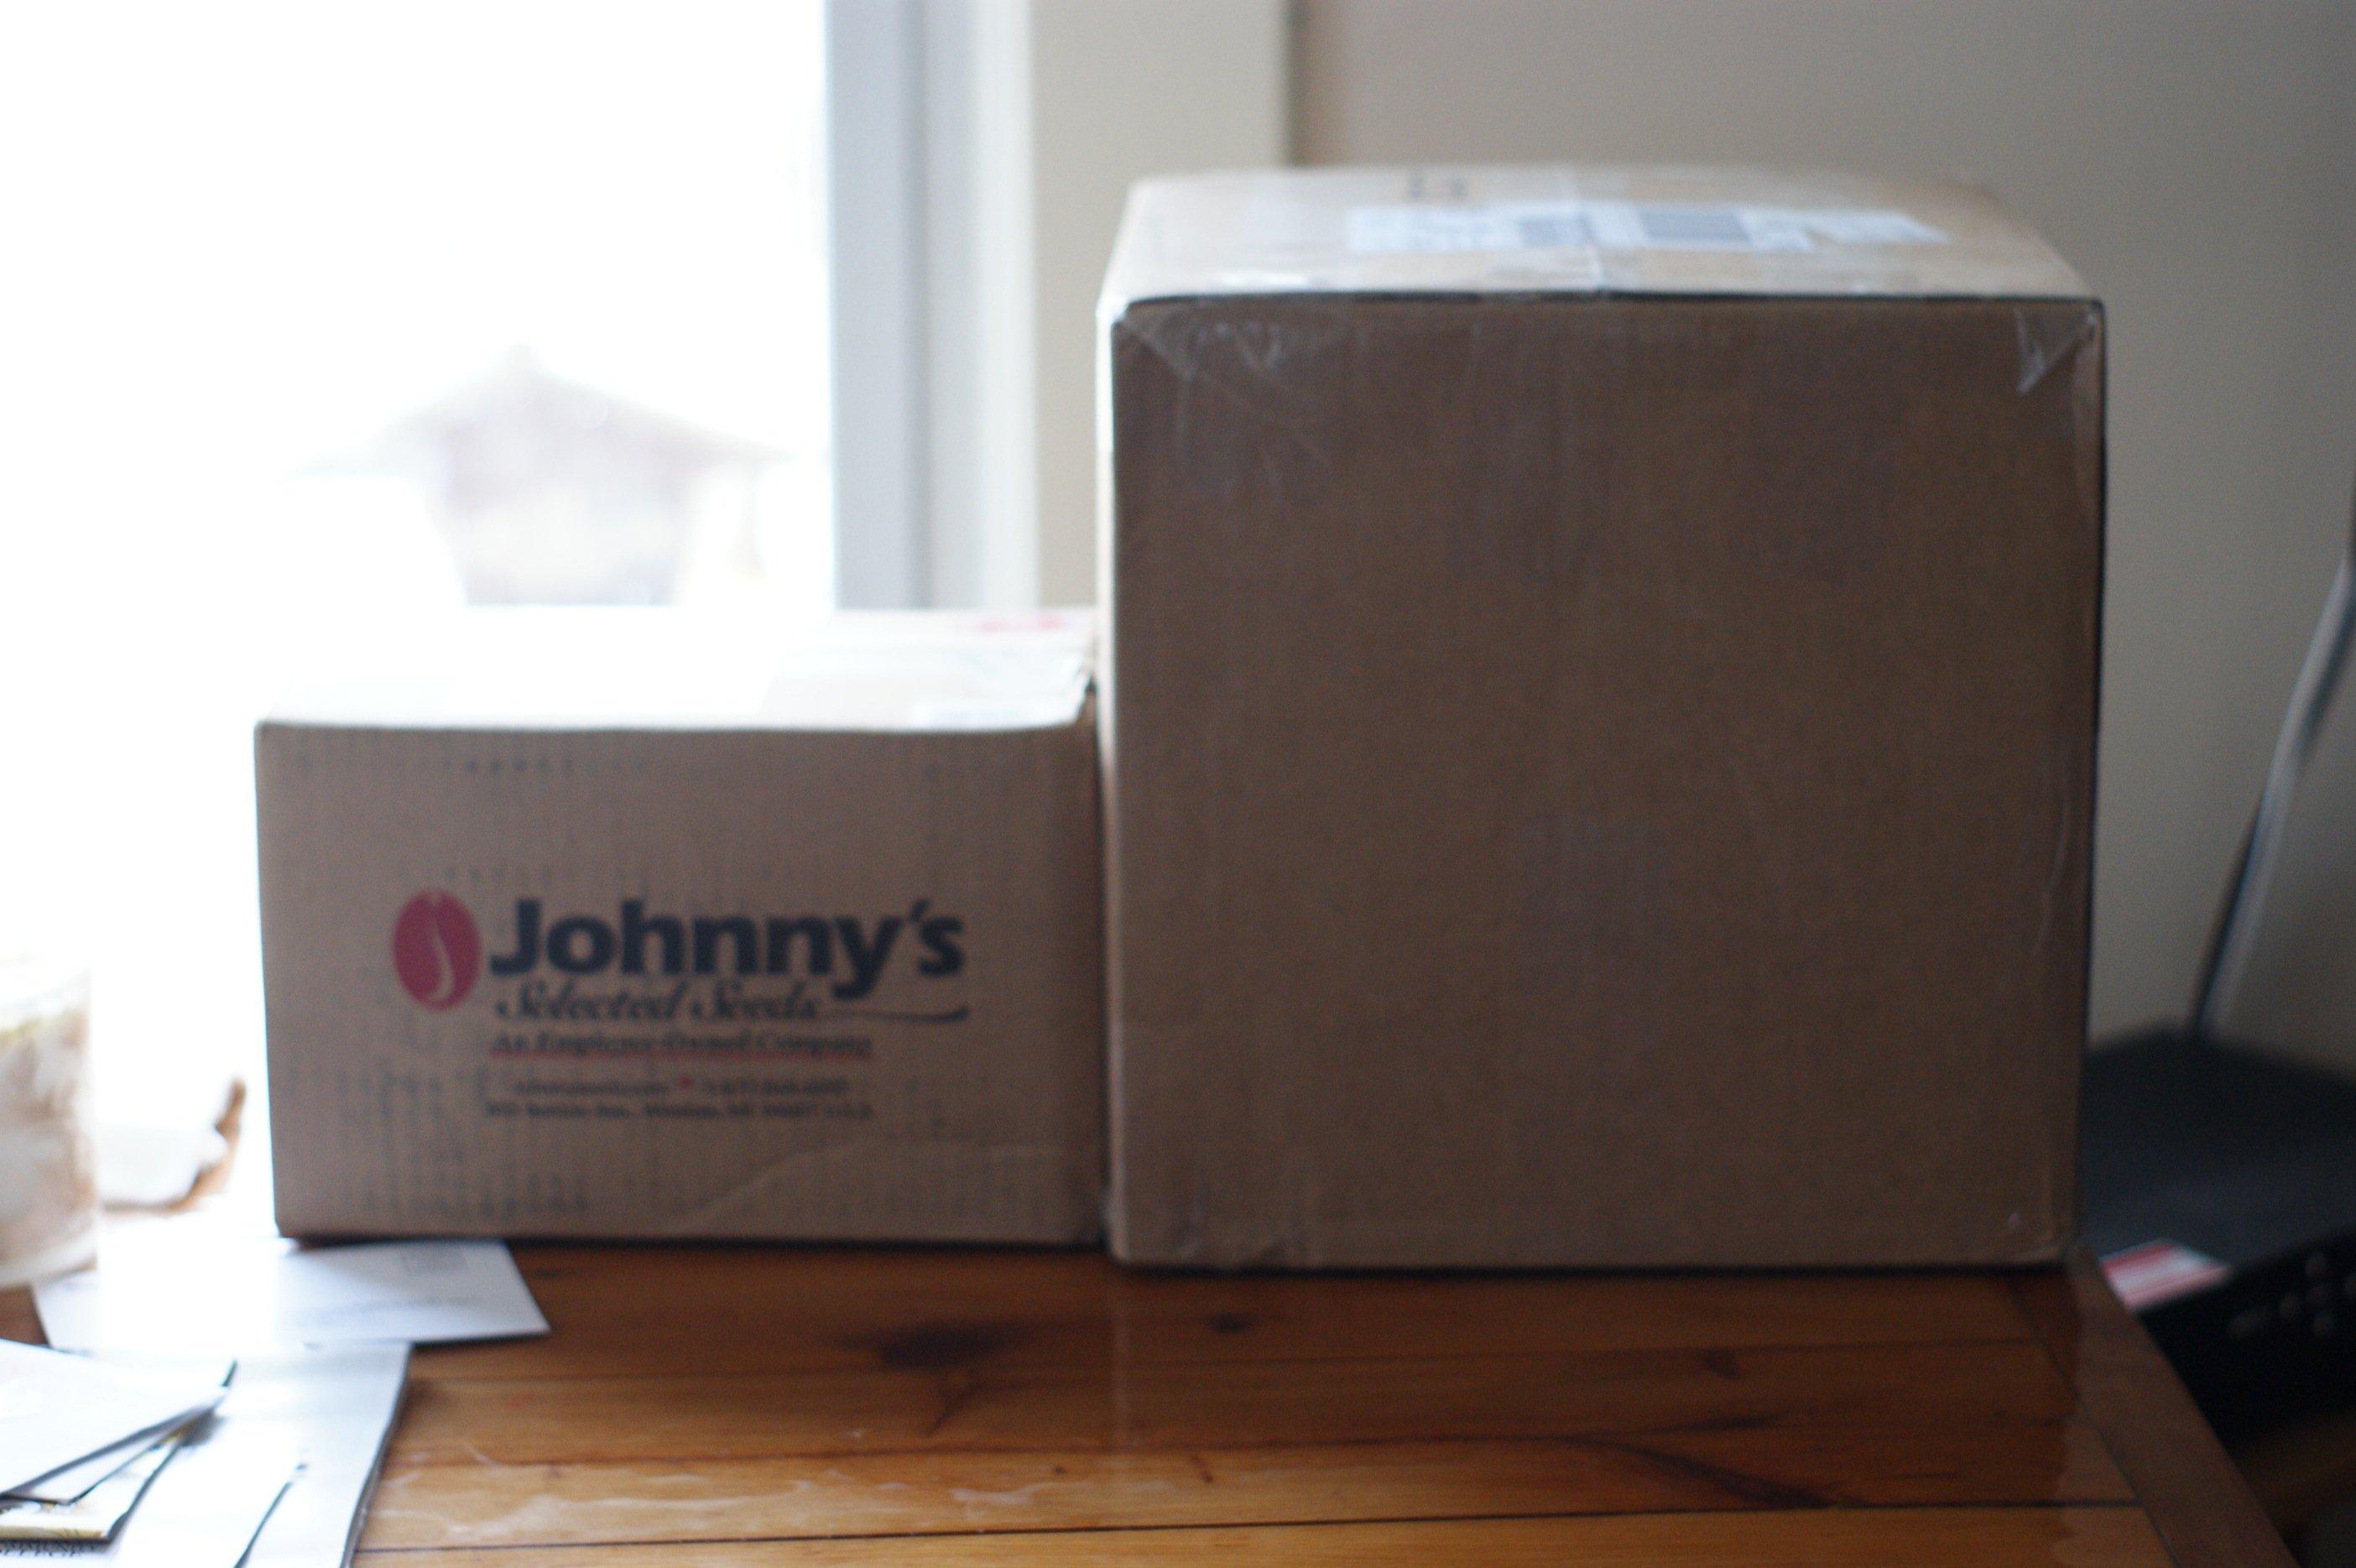 A season in a box